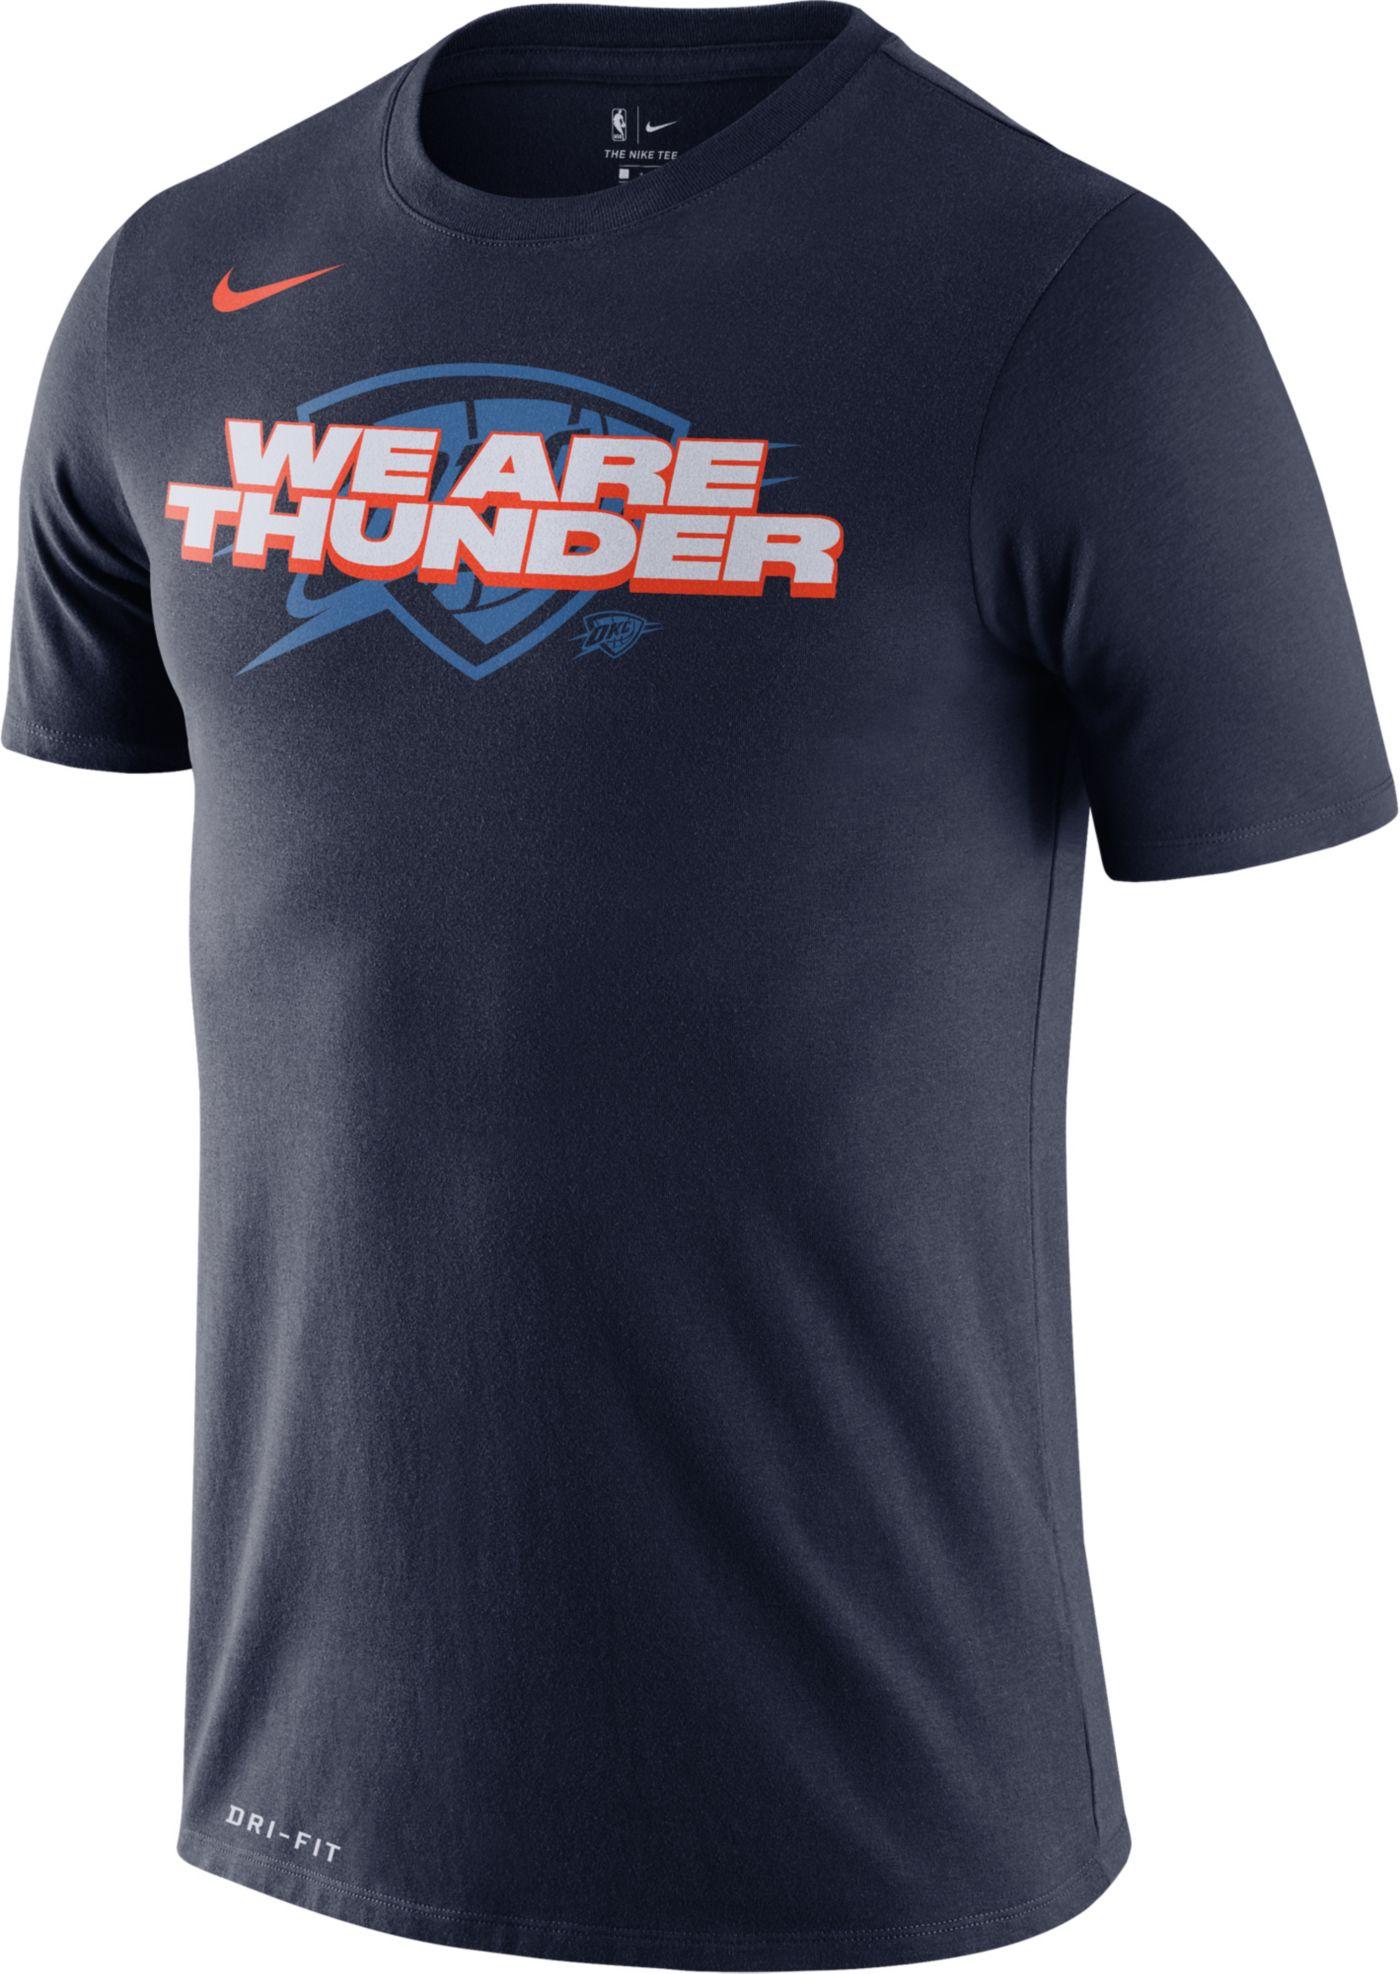 Nike Men's Oklahoma City Thunder Dri-FIT Mantra T-Shirt